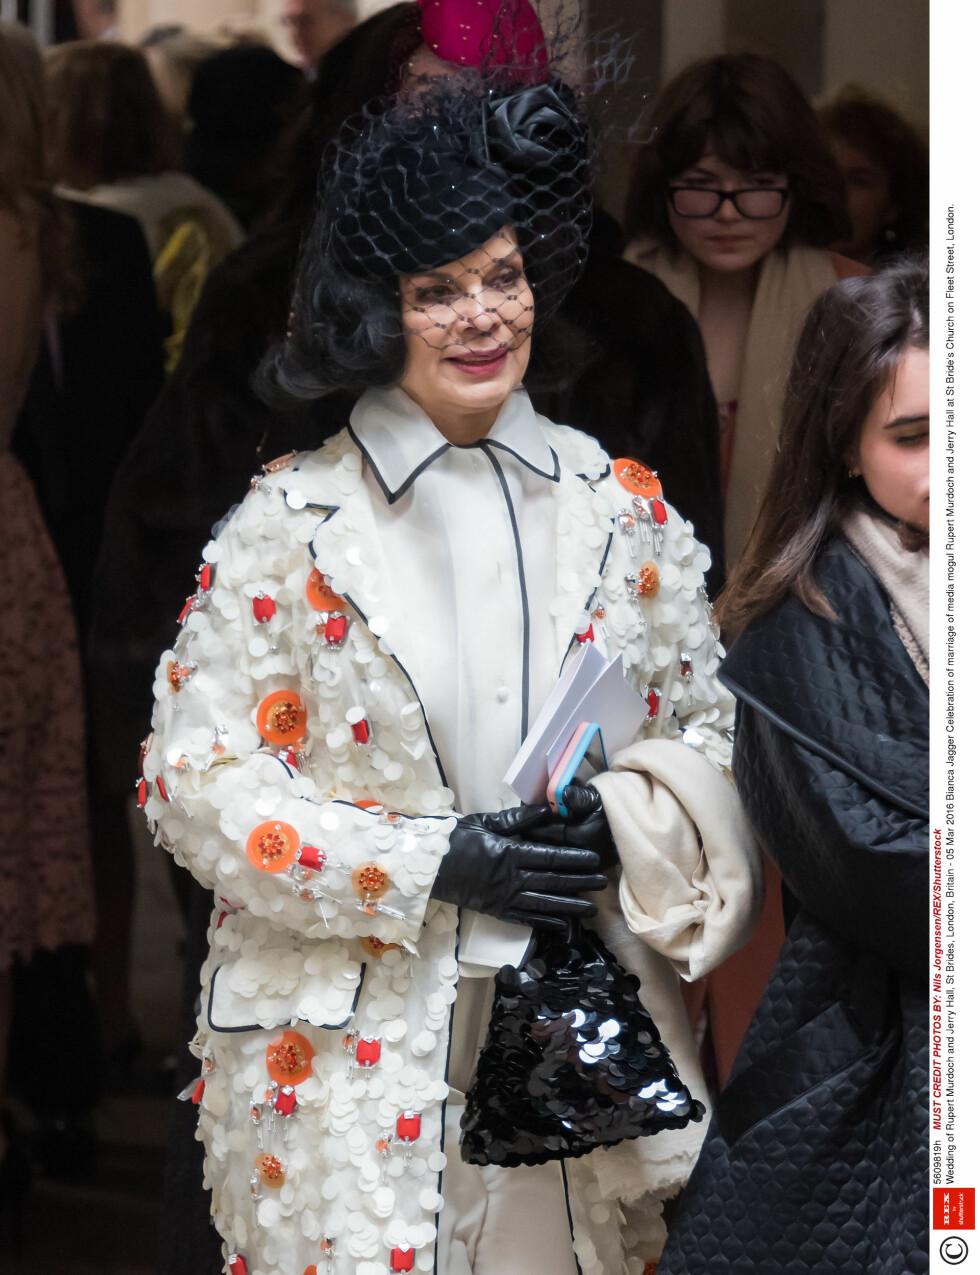 GODE VENNER: Bianca Jagger, som var gift med Mick Jagger før Jerry, var også tilstede i kirkebryllupet lørdag.  Foto: Rex Features